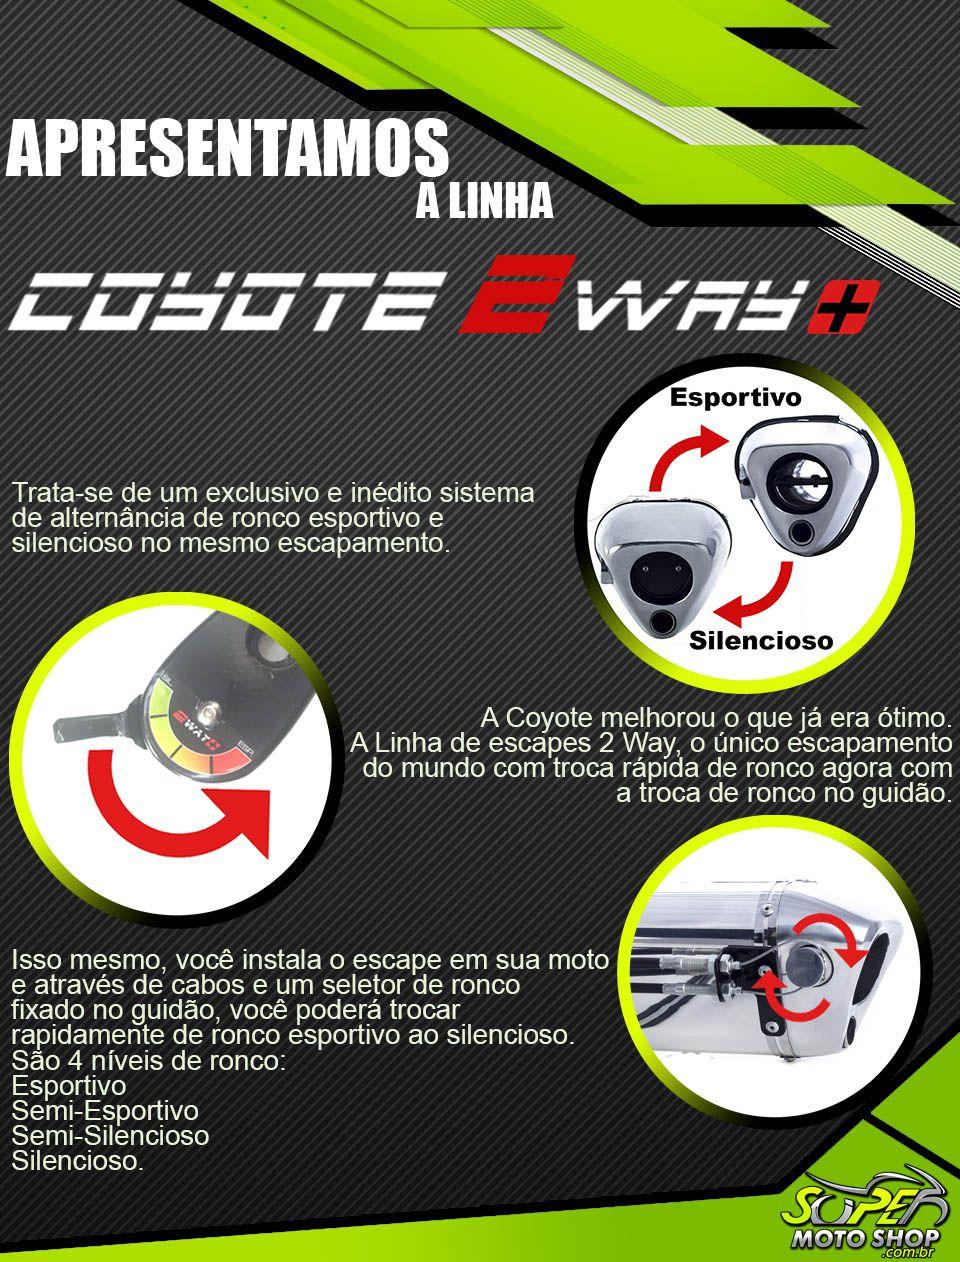 Escape / Ponteira Coyote Modelo TRS 2 Way + Mais em Alumínio - Fazer 250 ano 2016/2017 - Yamaha